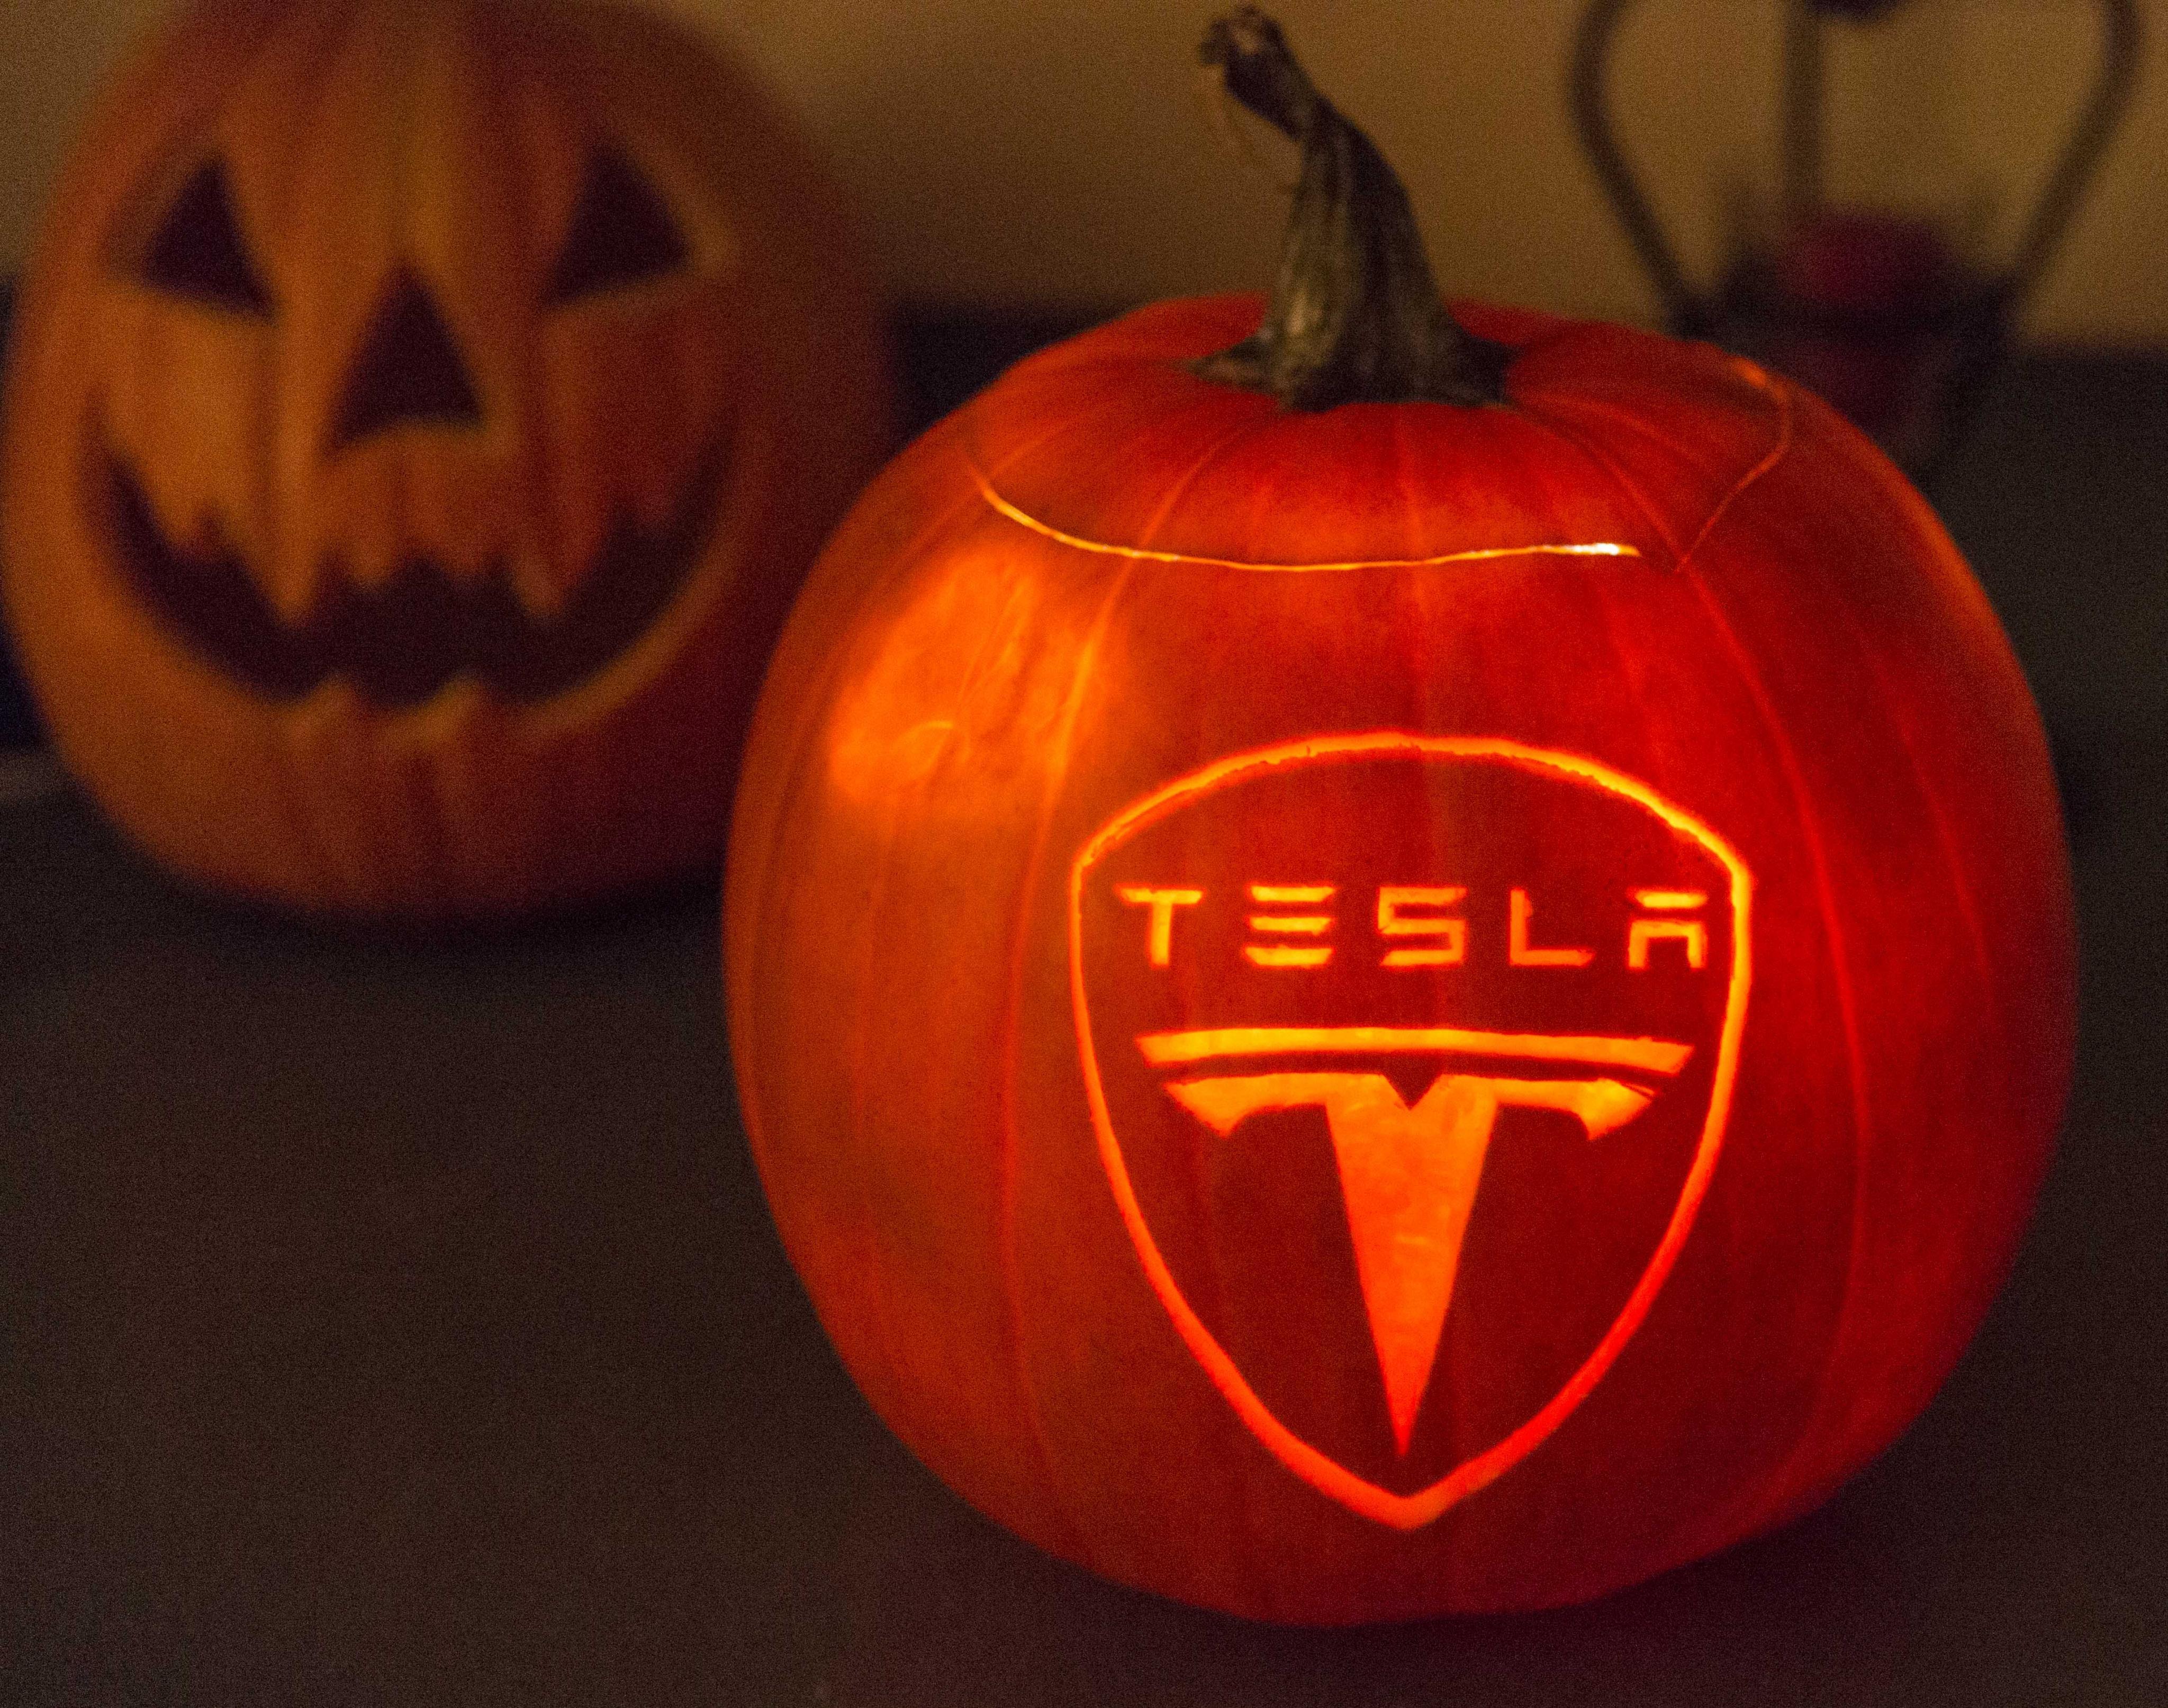 2014_Tesla_Halloween_Pumpkin_2T0A8779_xsm.jpg